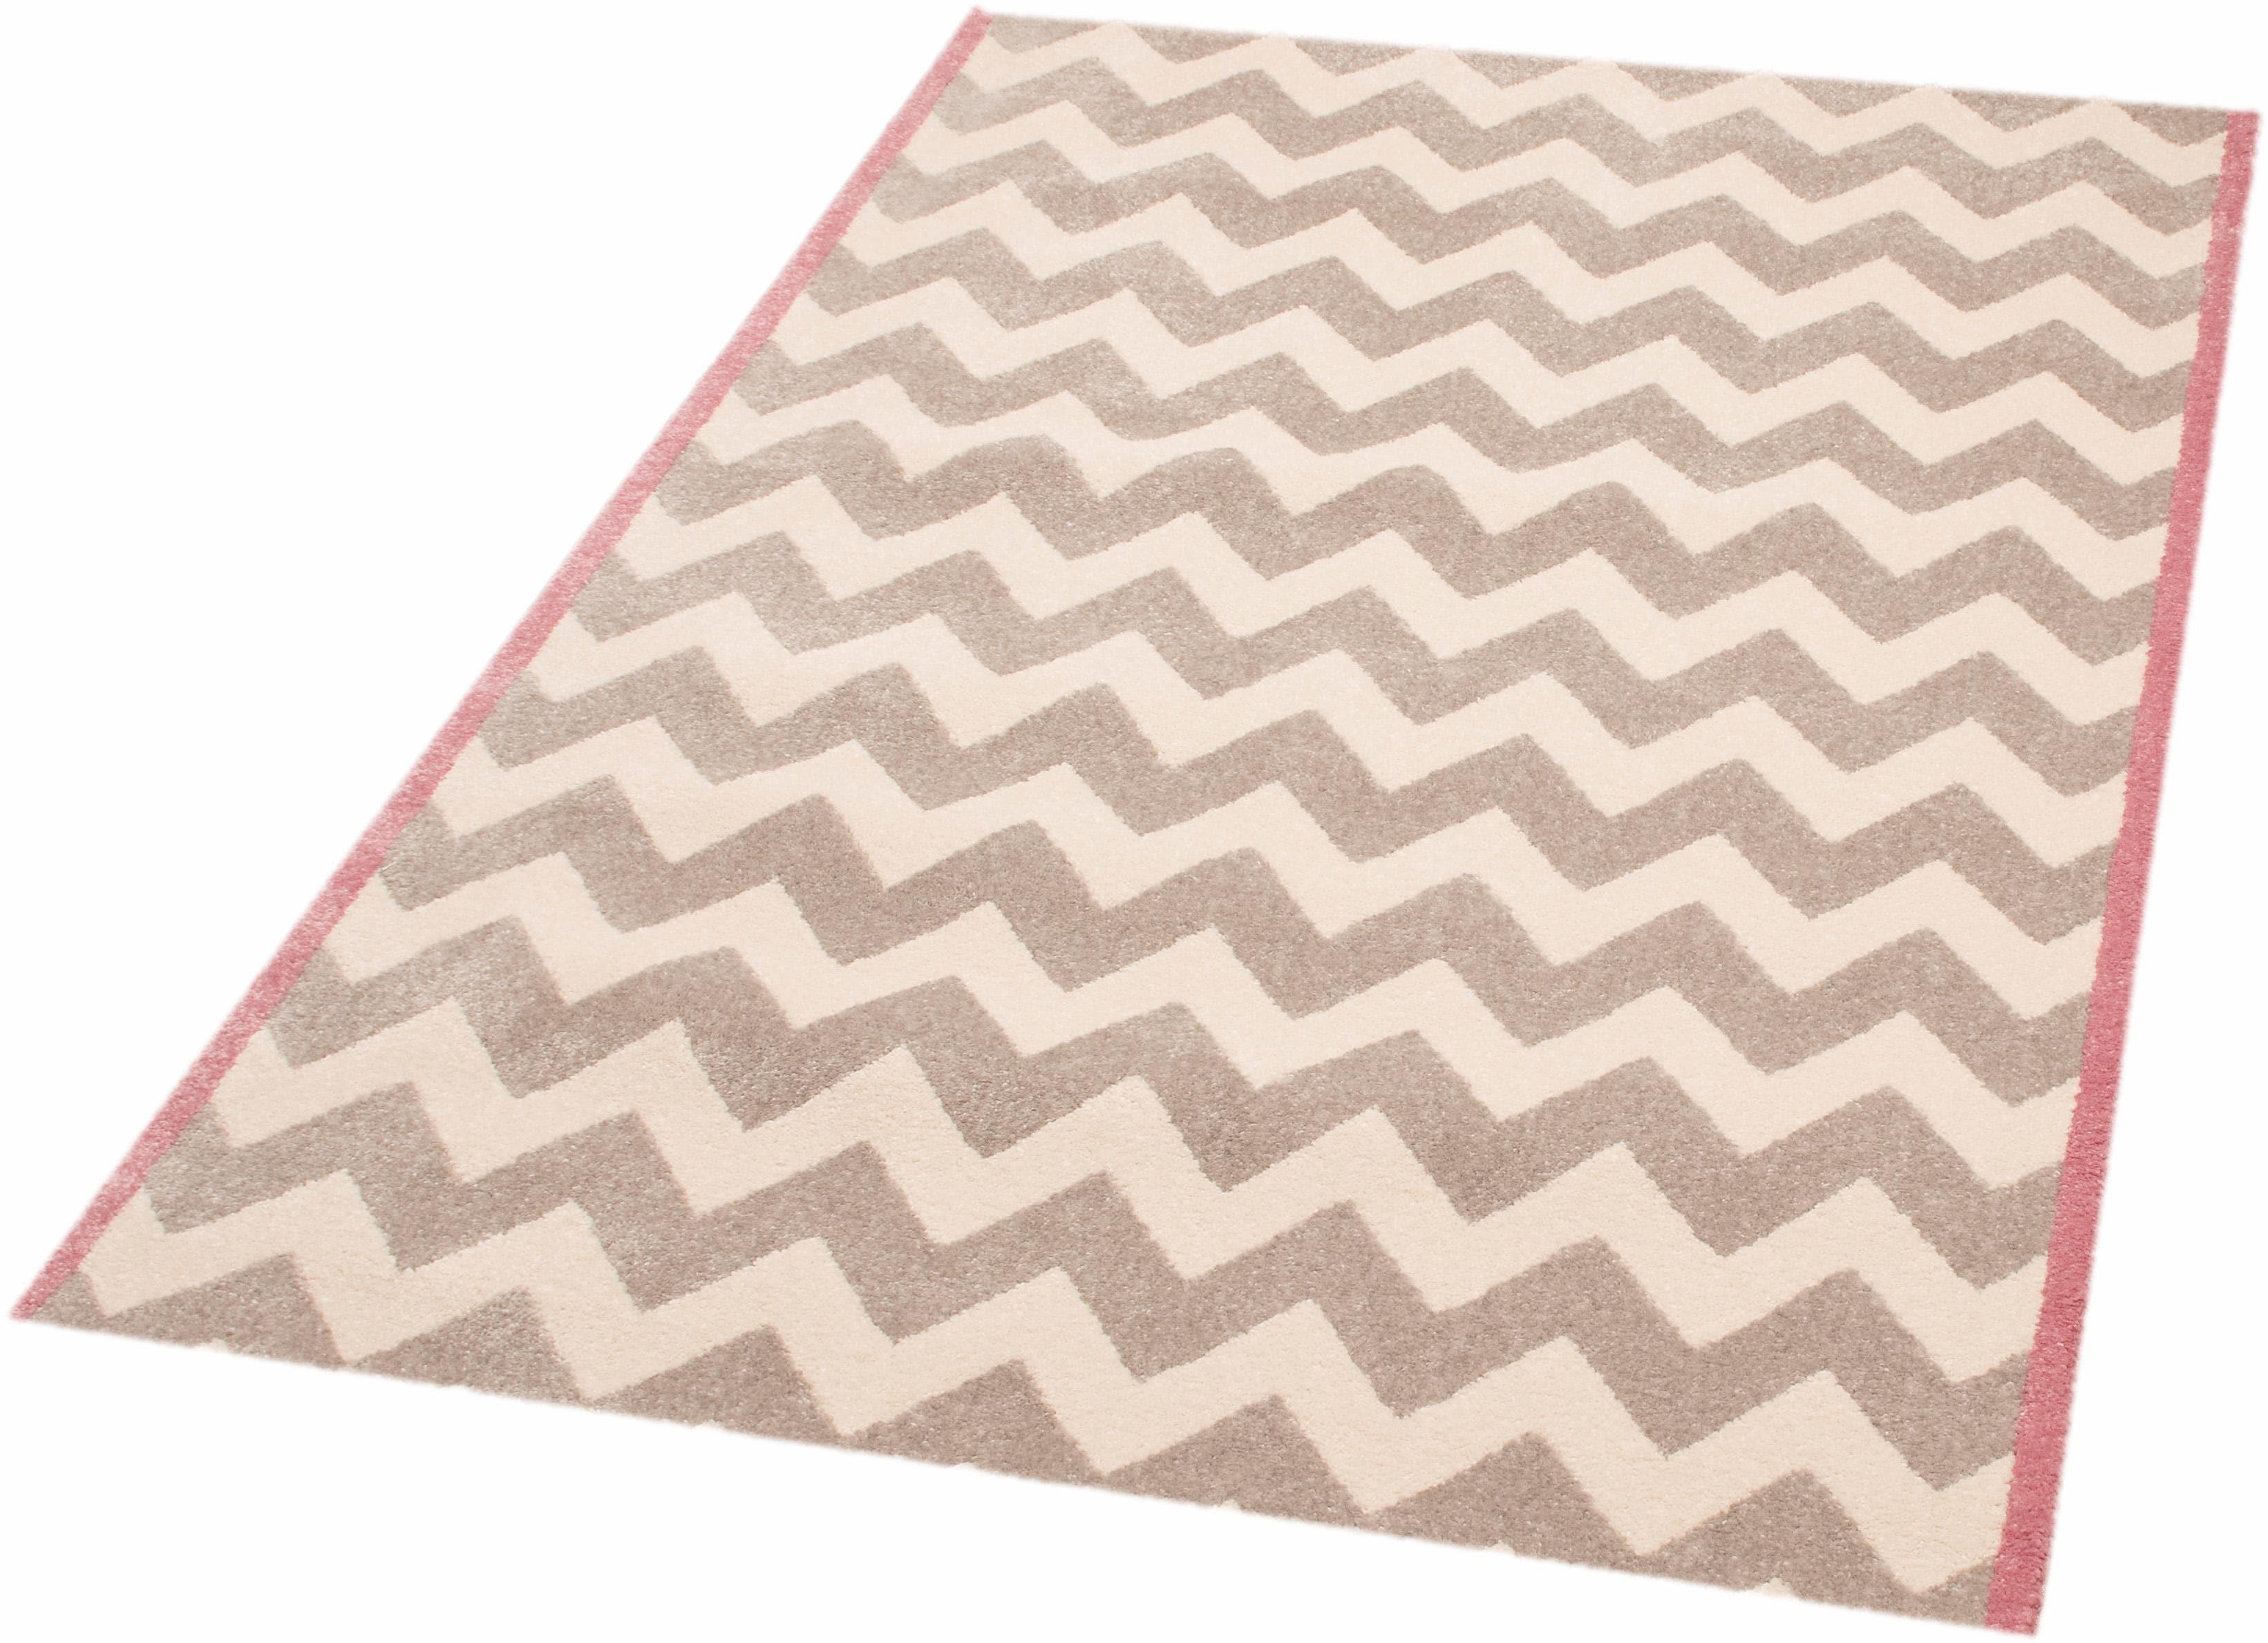 Teppich Zick Zack Suzy Zala Living rechteckig Höhe 11 mm maschinell gewebt